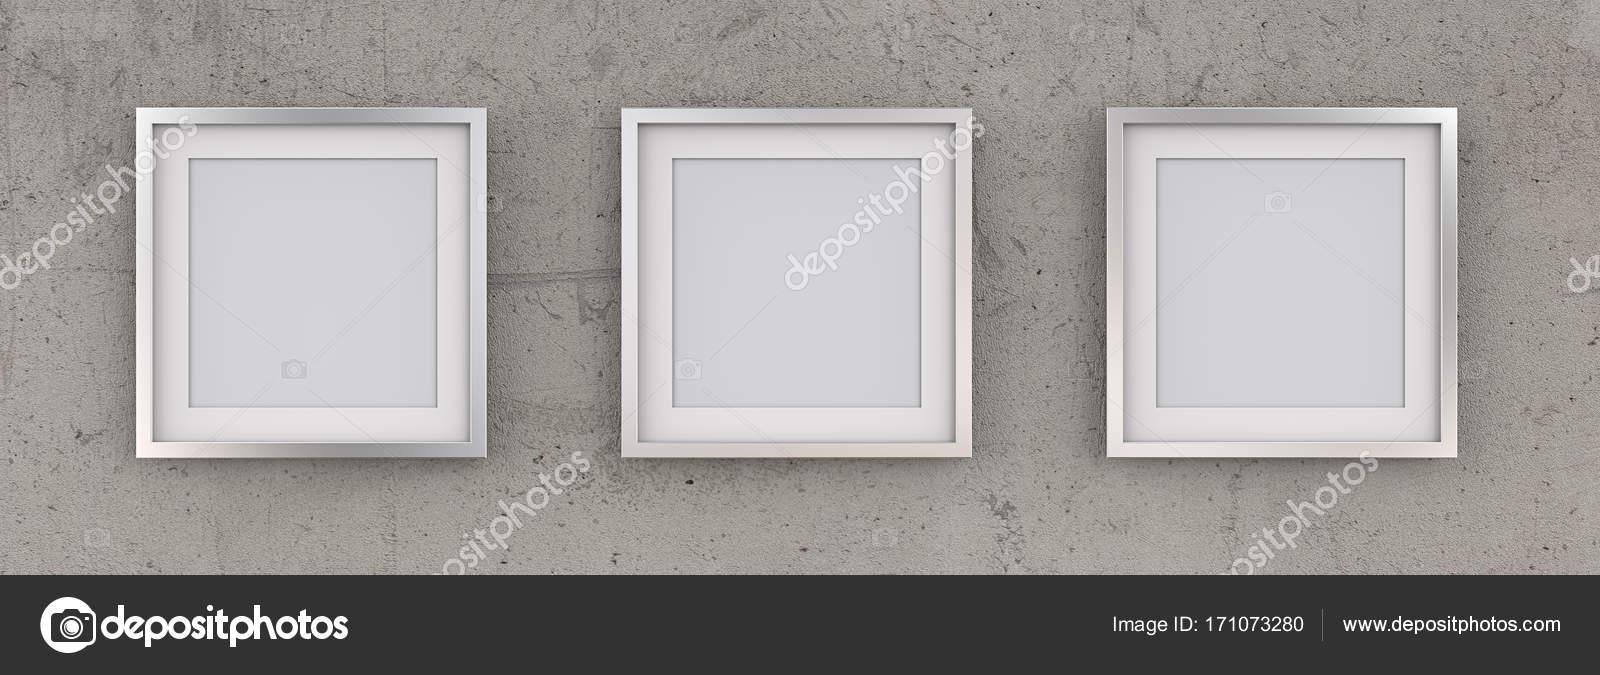 3 quadratische Bilderrahmen Metall auf rauen Beton Wand — Stockfoto ...